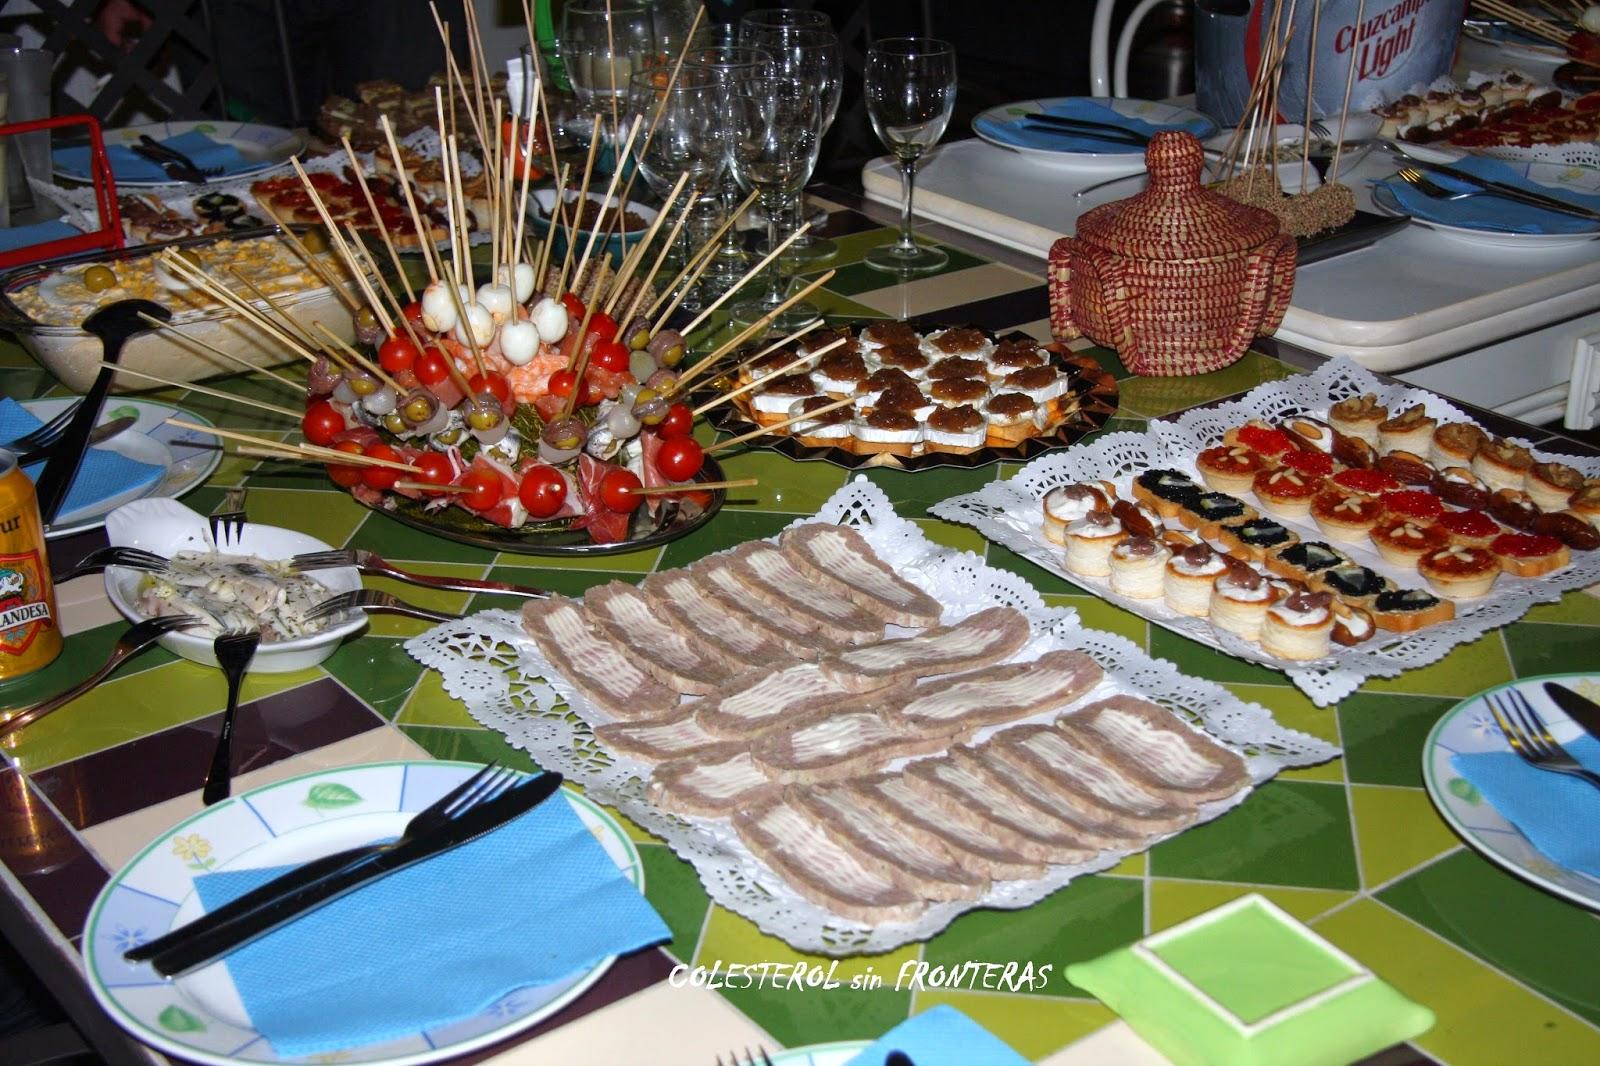 Colesterol sin fronteras ideas para una cena fria for Ideas para una cena de picoteo